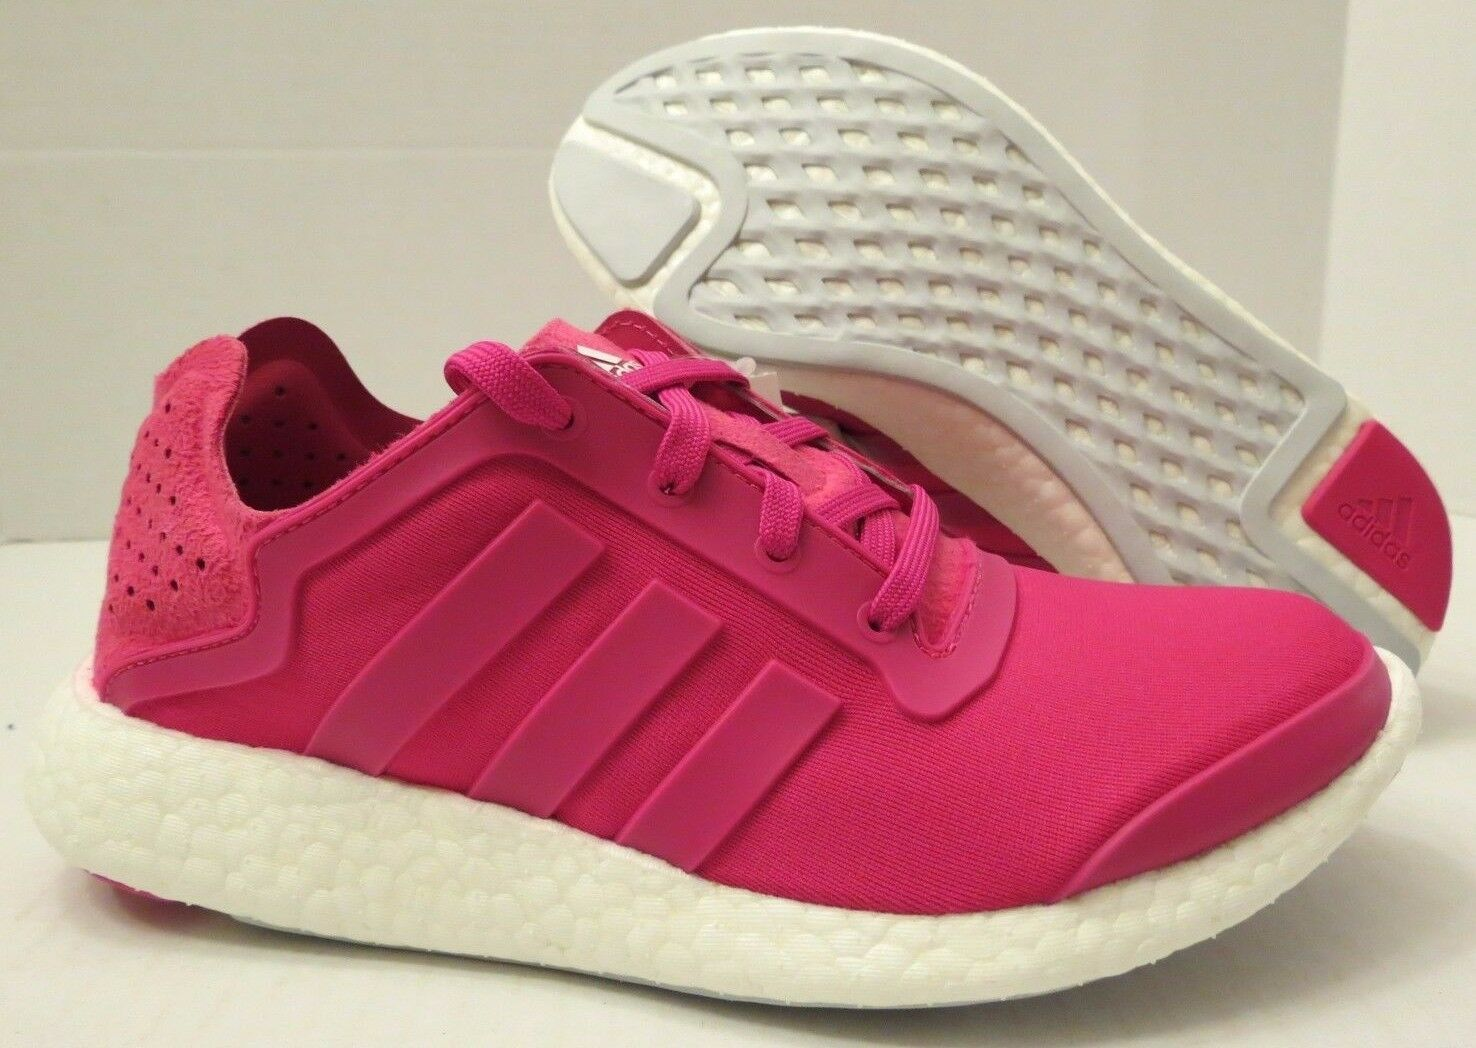 Adidas pureboost w m21349 (donne rosa (donne m21349 7,5) bbdf9e